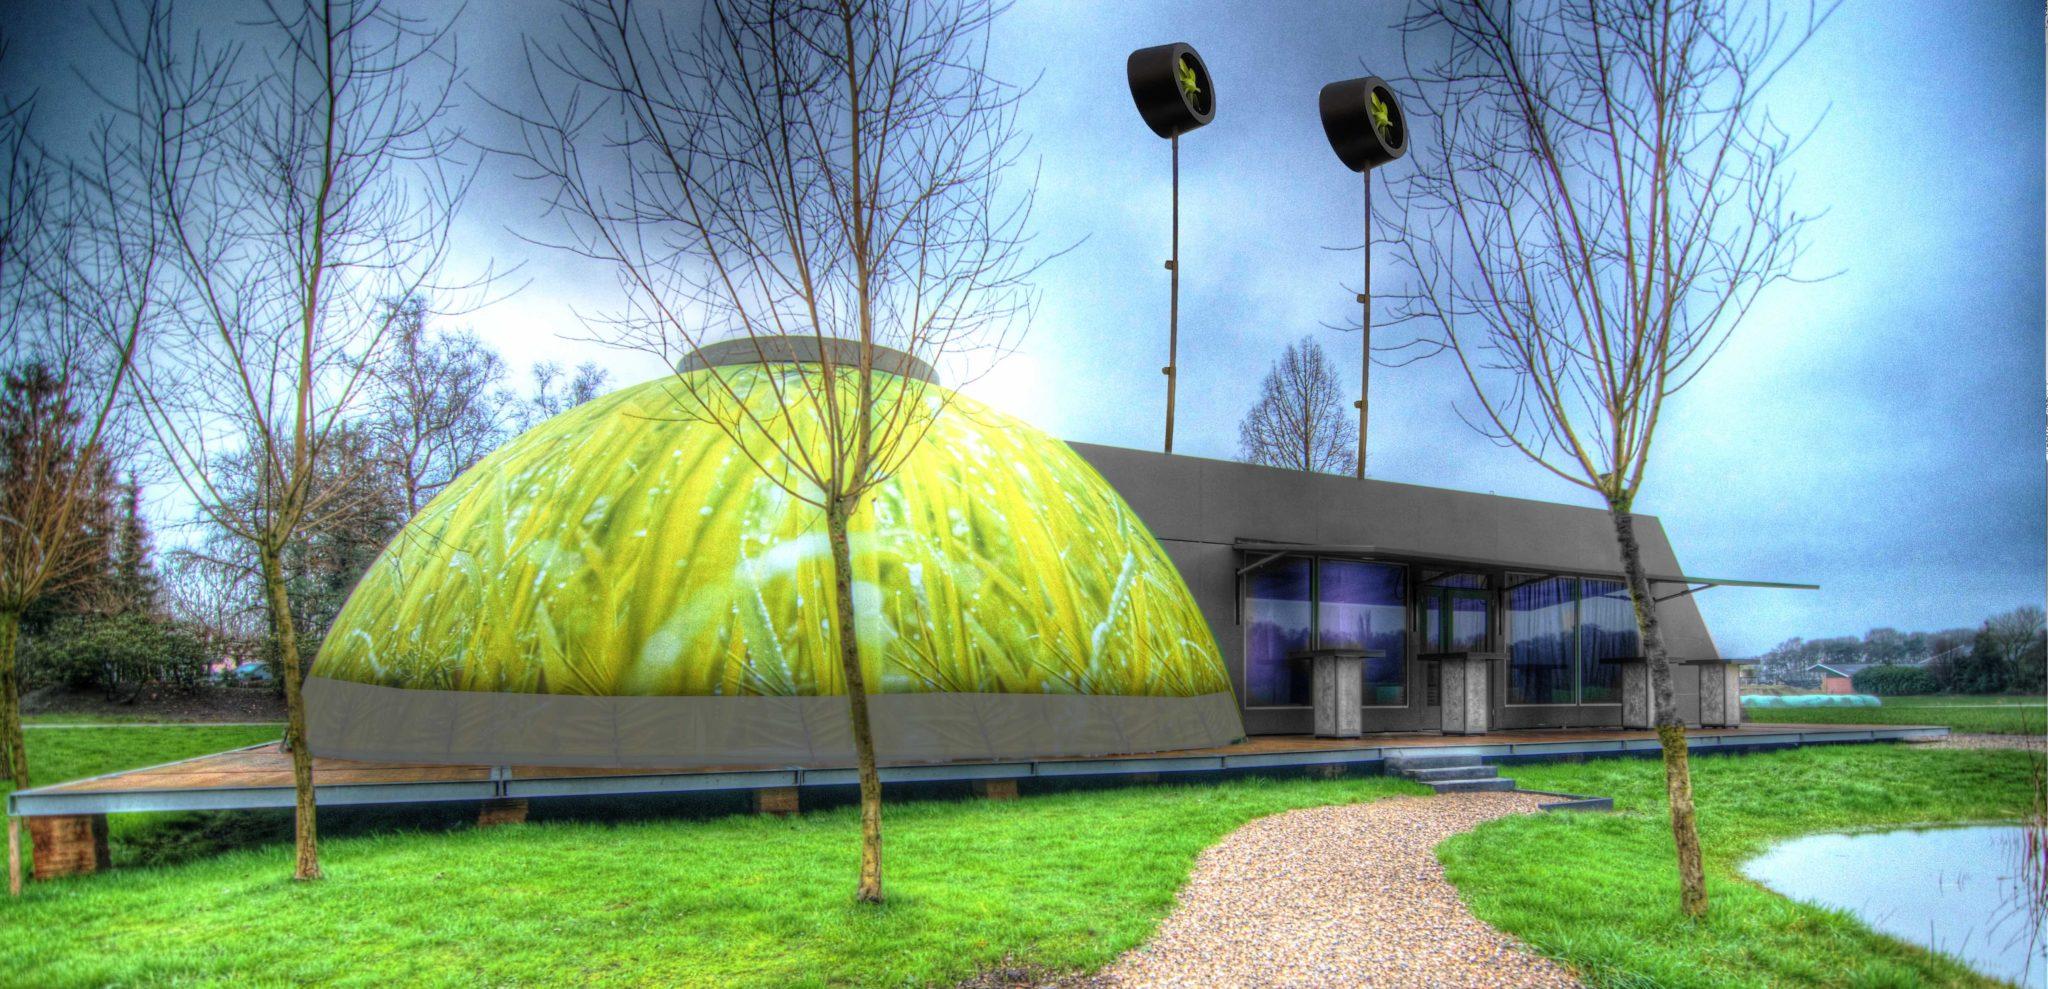 BioDome pop up mobiele evenementen bijzondere locatie greendna